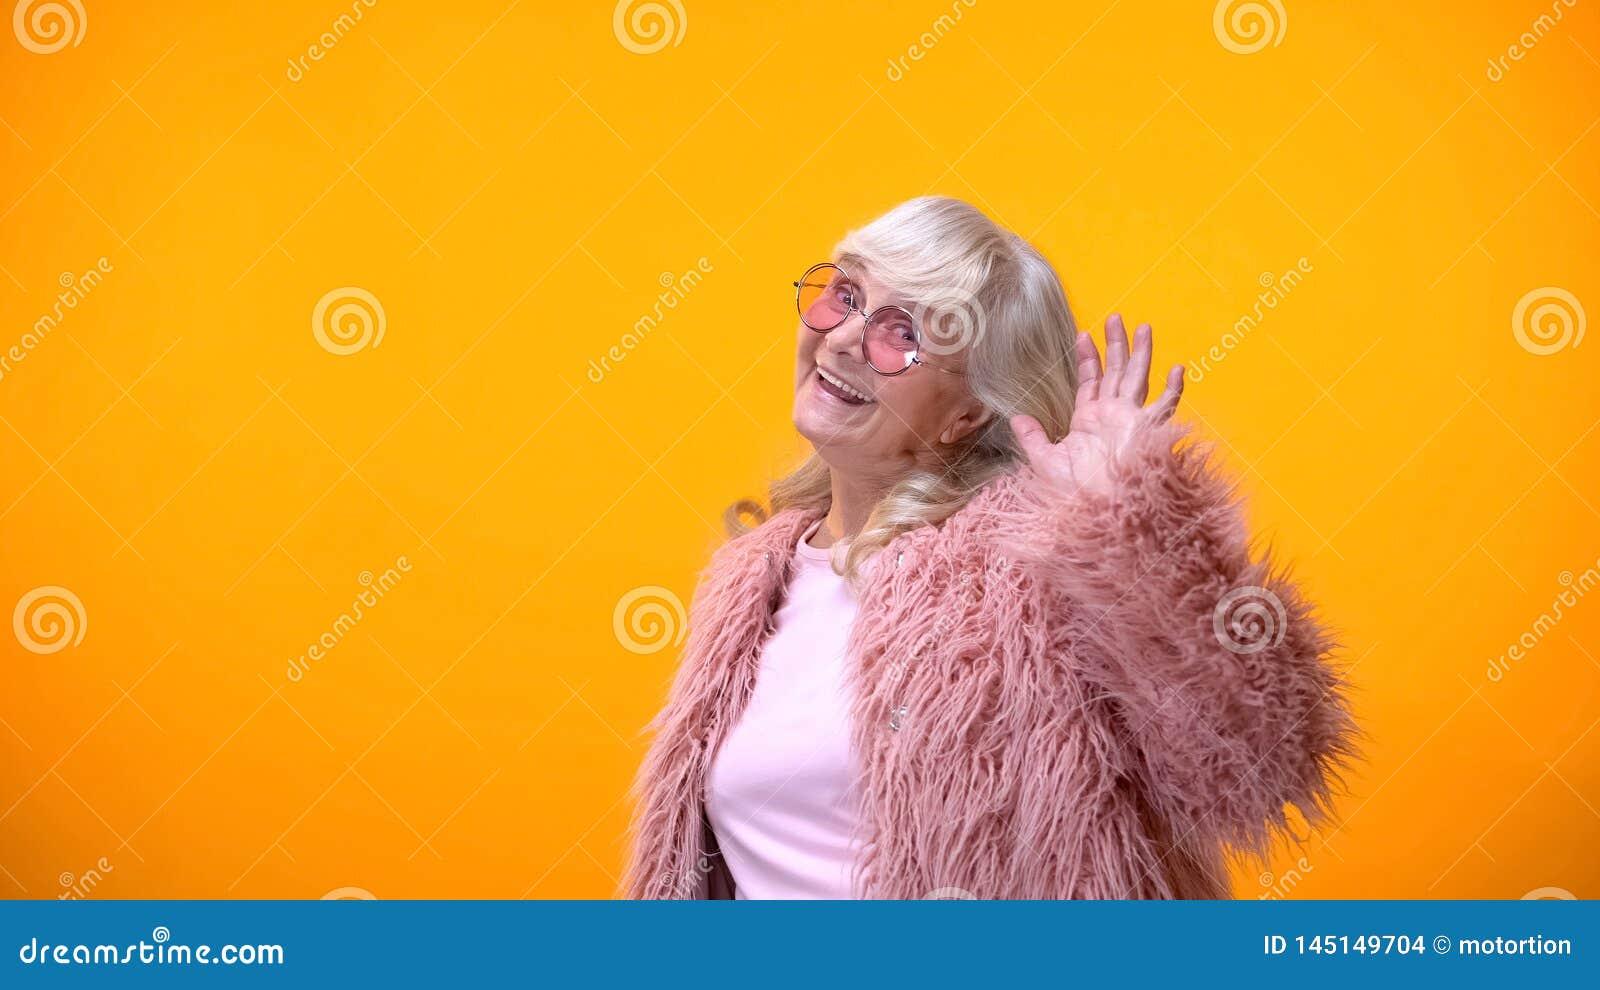 Ребяческая пожилая женщина в розовом пальто и круглых солнечных очках